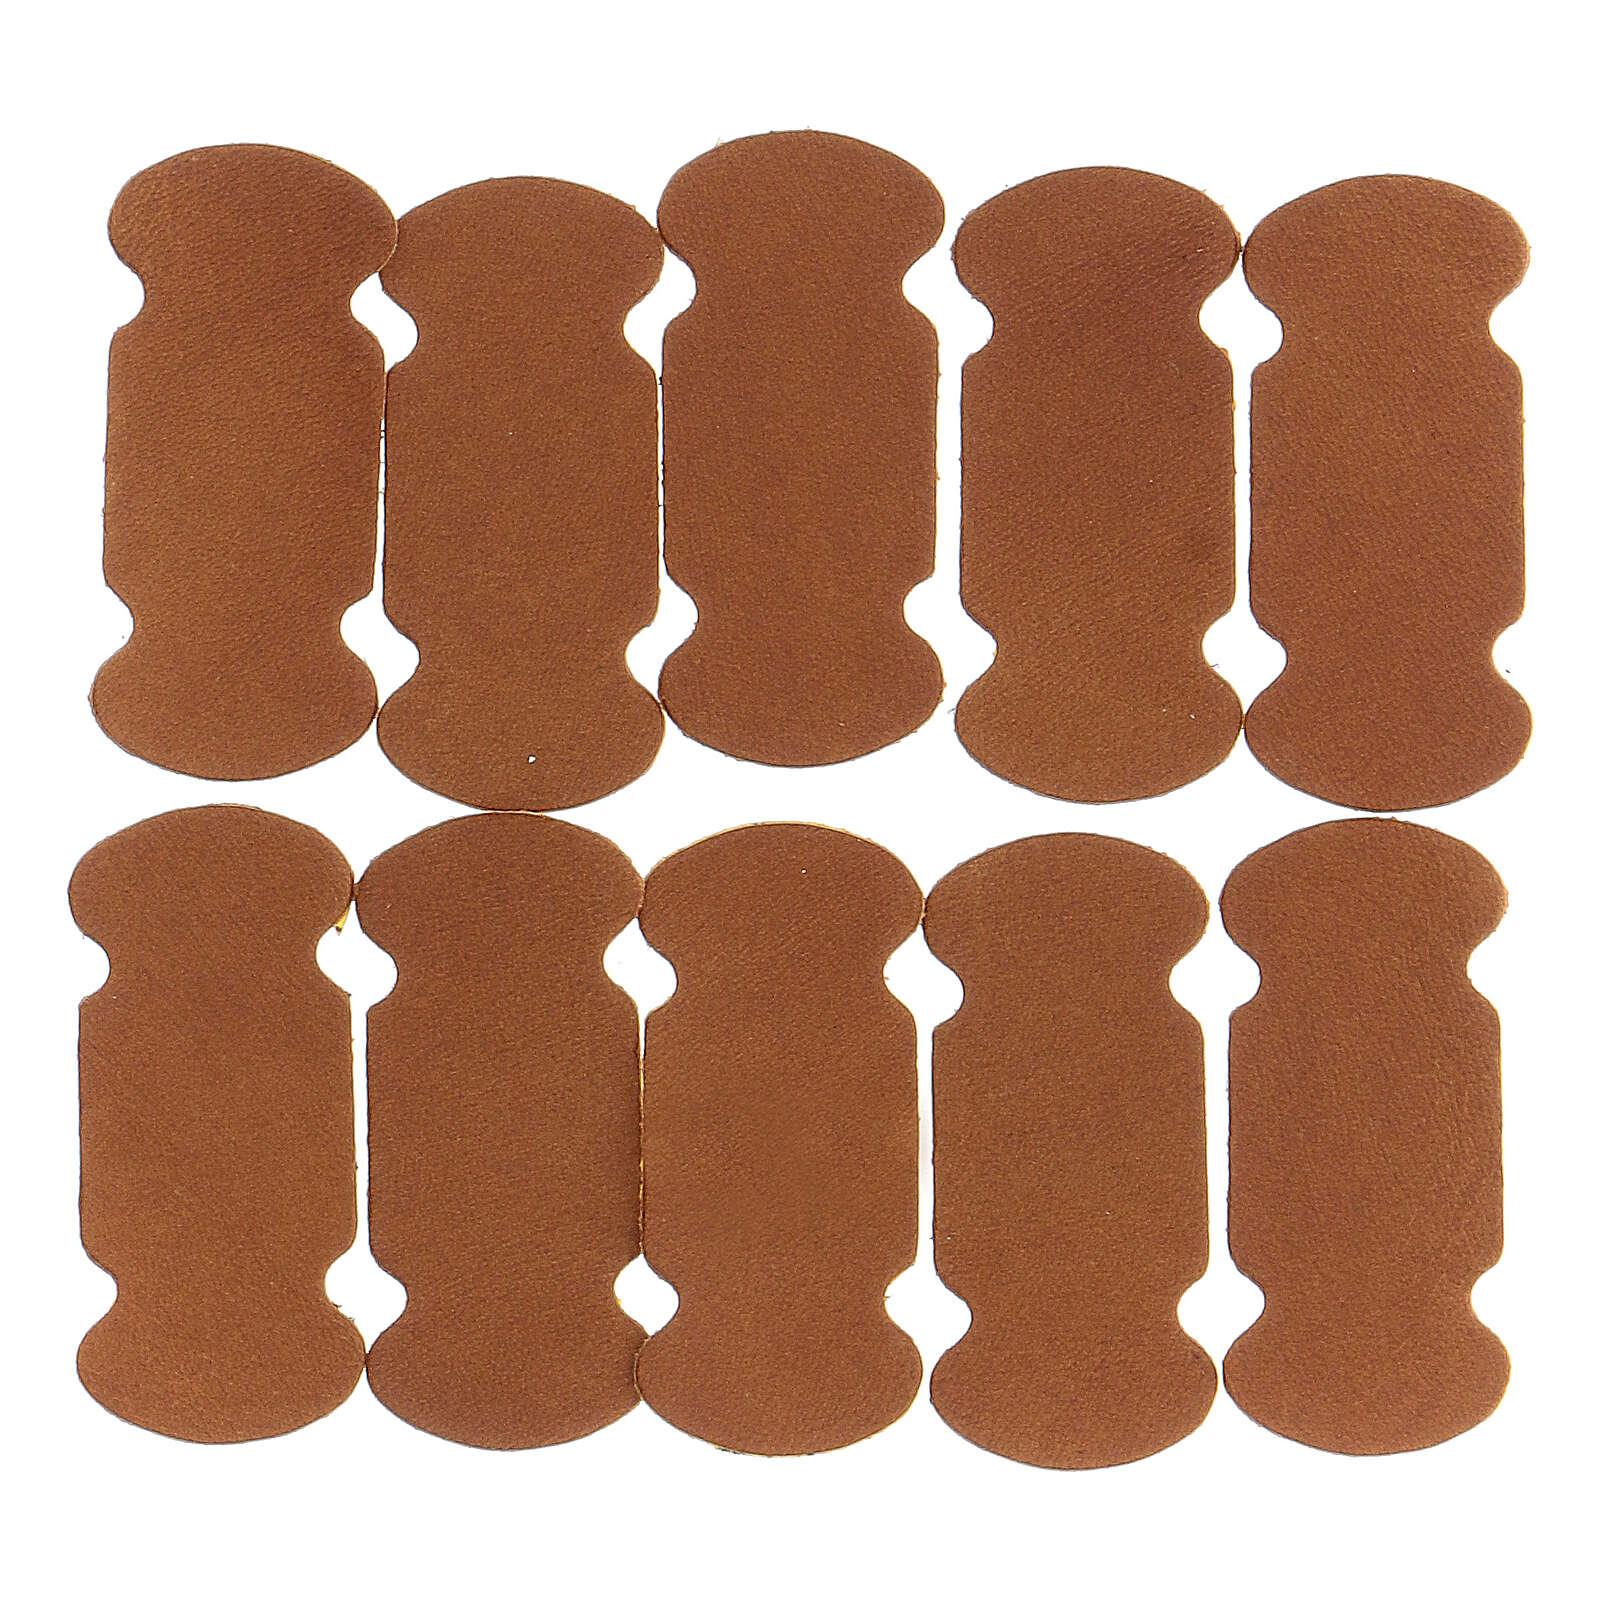 Segnalibri adesivi cuoio marrone 10 pezzi per testi liturgici 4